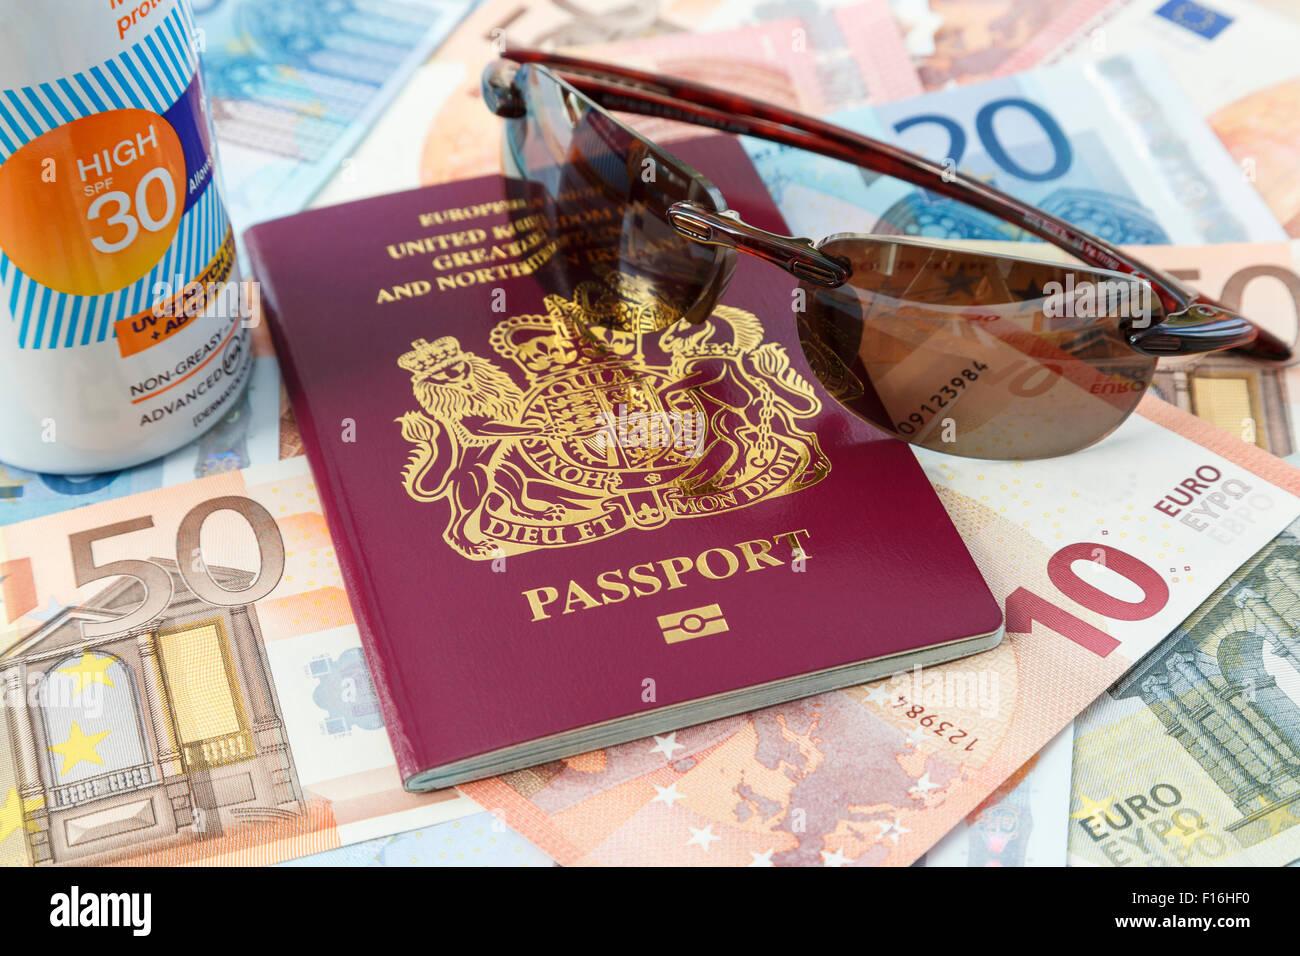 Reisen Dinge, die mit dem Britischen biometrischen Reisepass Währung Euro Sonnencreme und Sonnenbrille für Stockbild